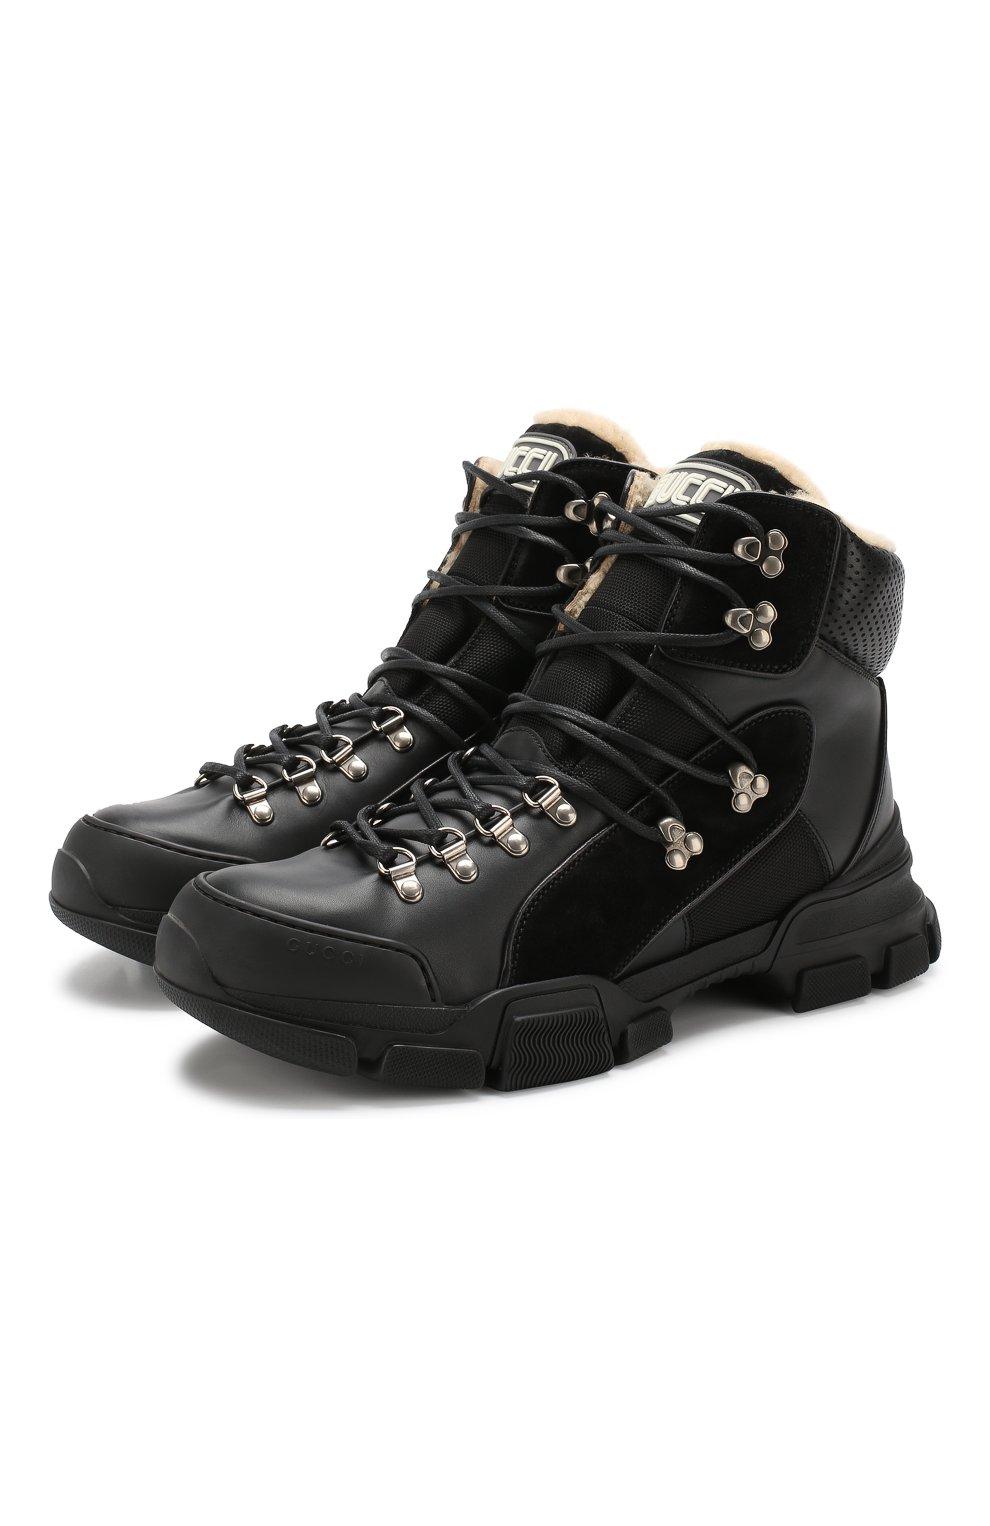 0e003c38 Комбинированные кроссовки Flashtrek с внутренней меховой отделкой Gucci  черные   Фото №1